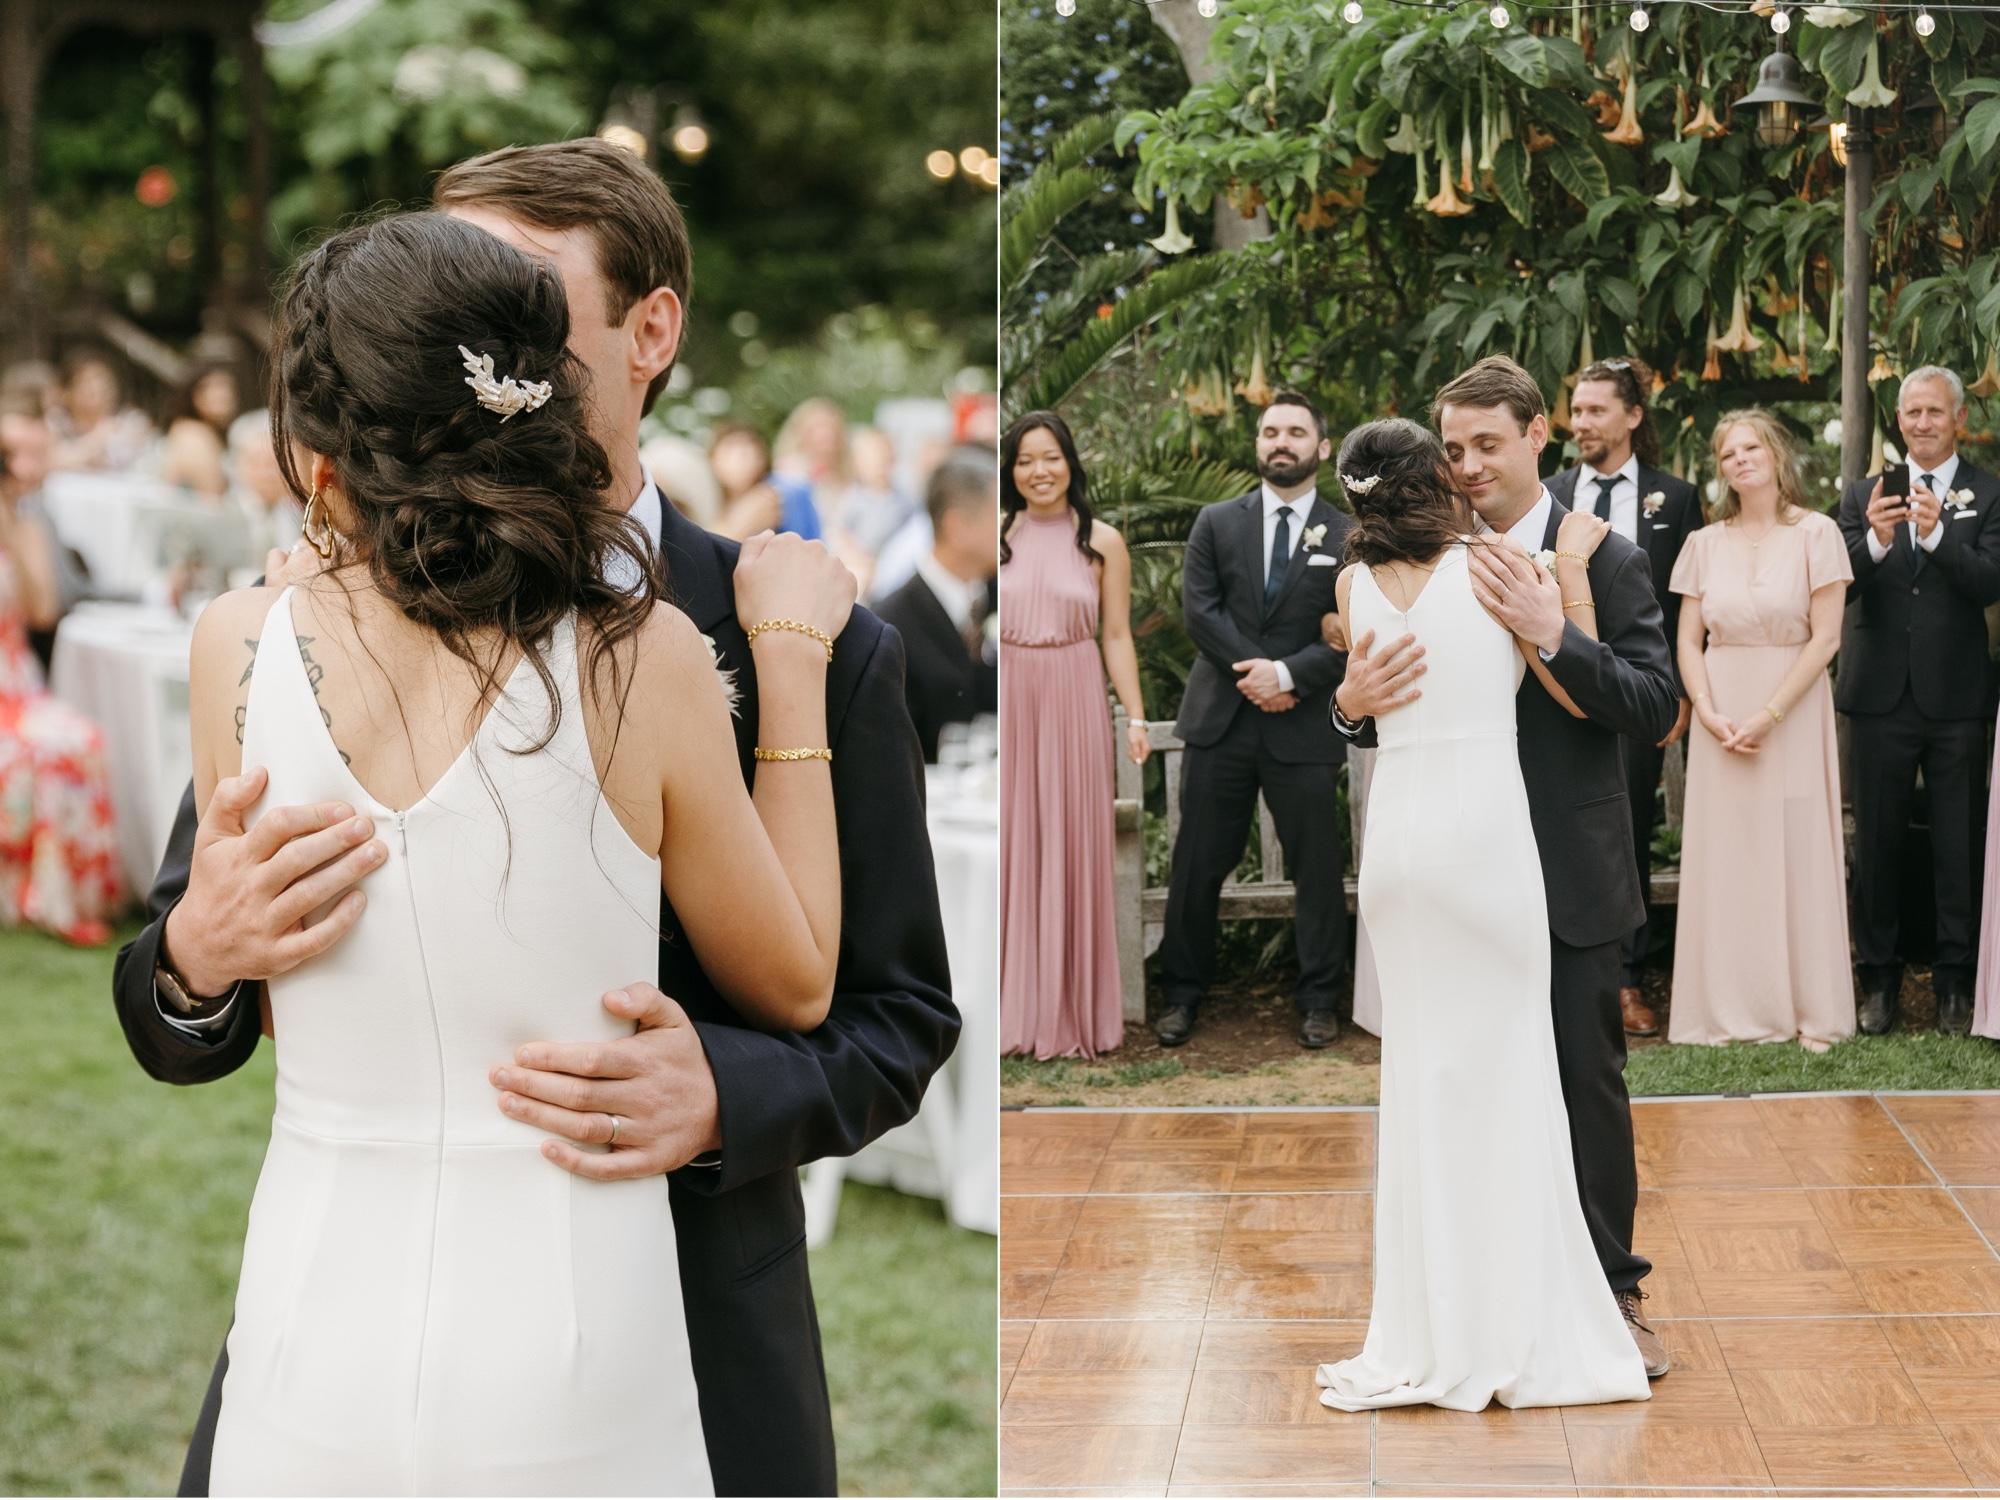 064_Shawna and Steve's Wedding-411_Shawna and Steve's Wedding-417.jpg